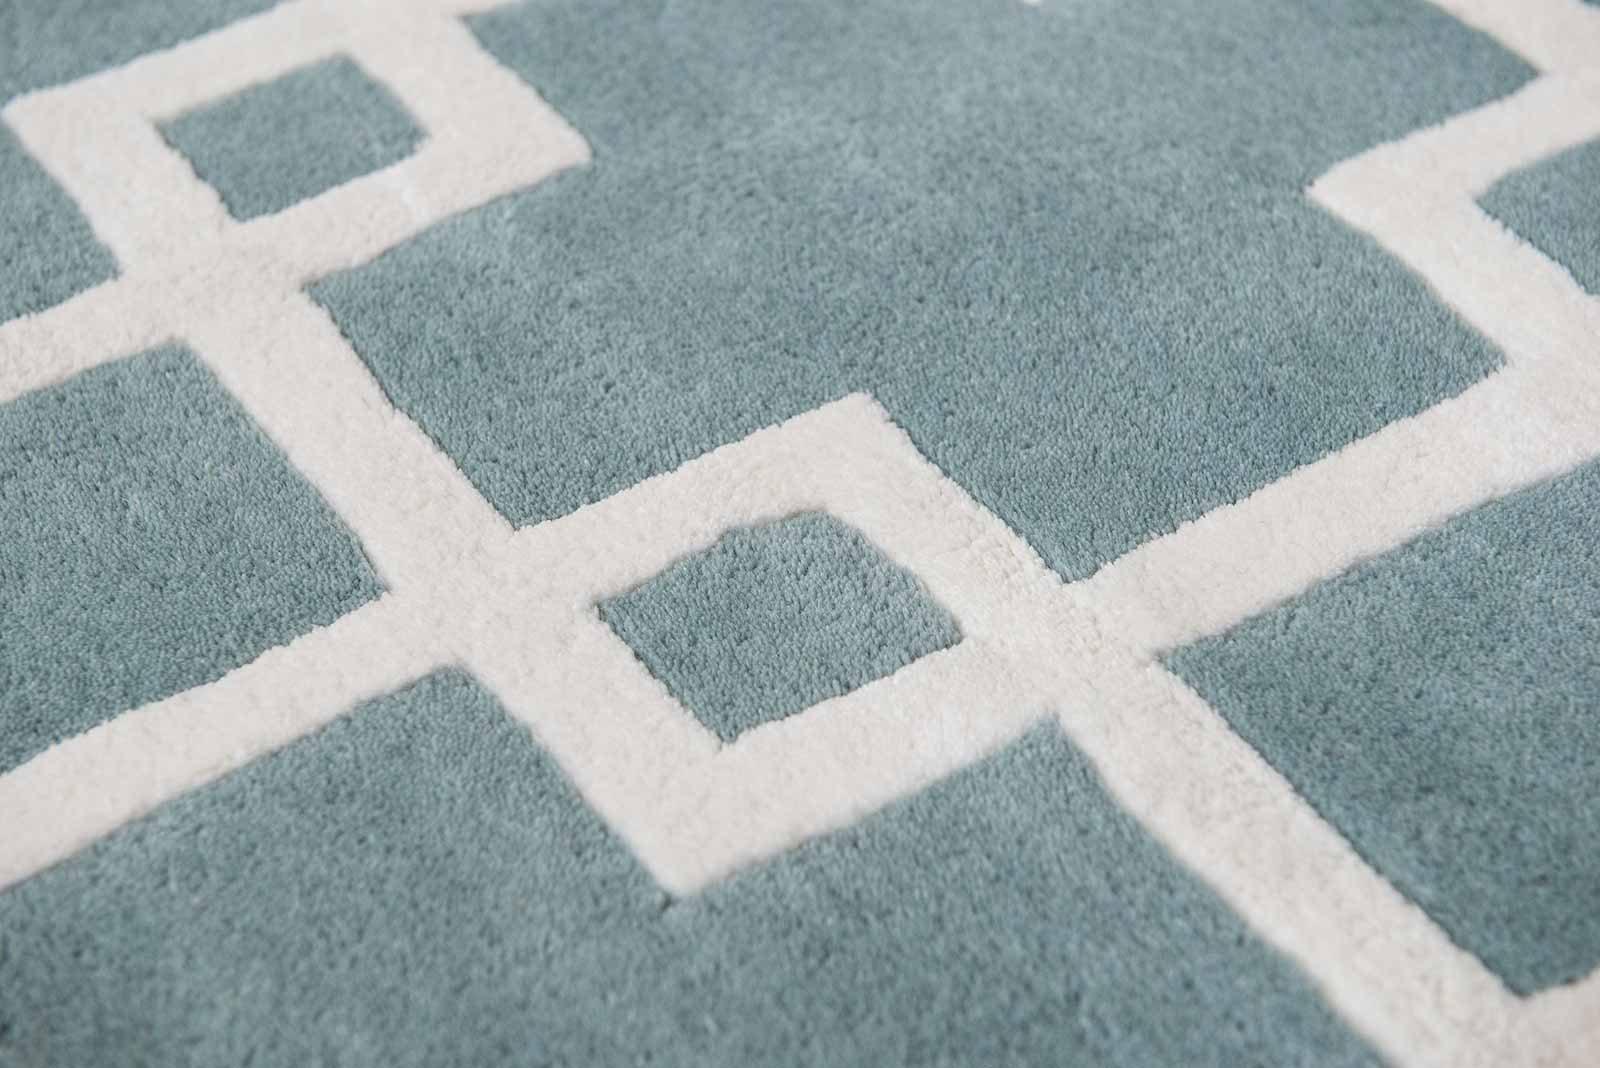 Louis De Poortere tapijt Romo LX 2011 Cubis Agate zoom 3